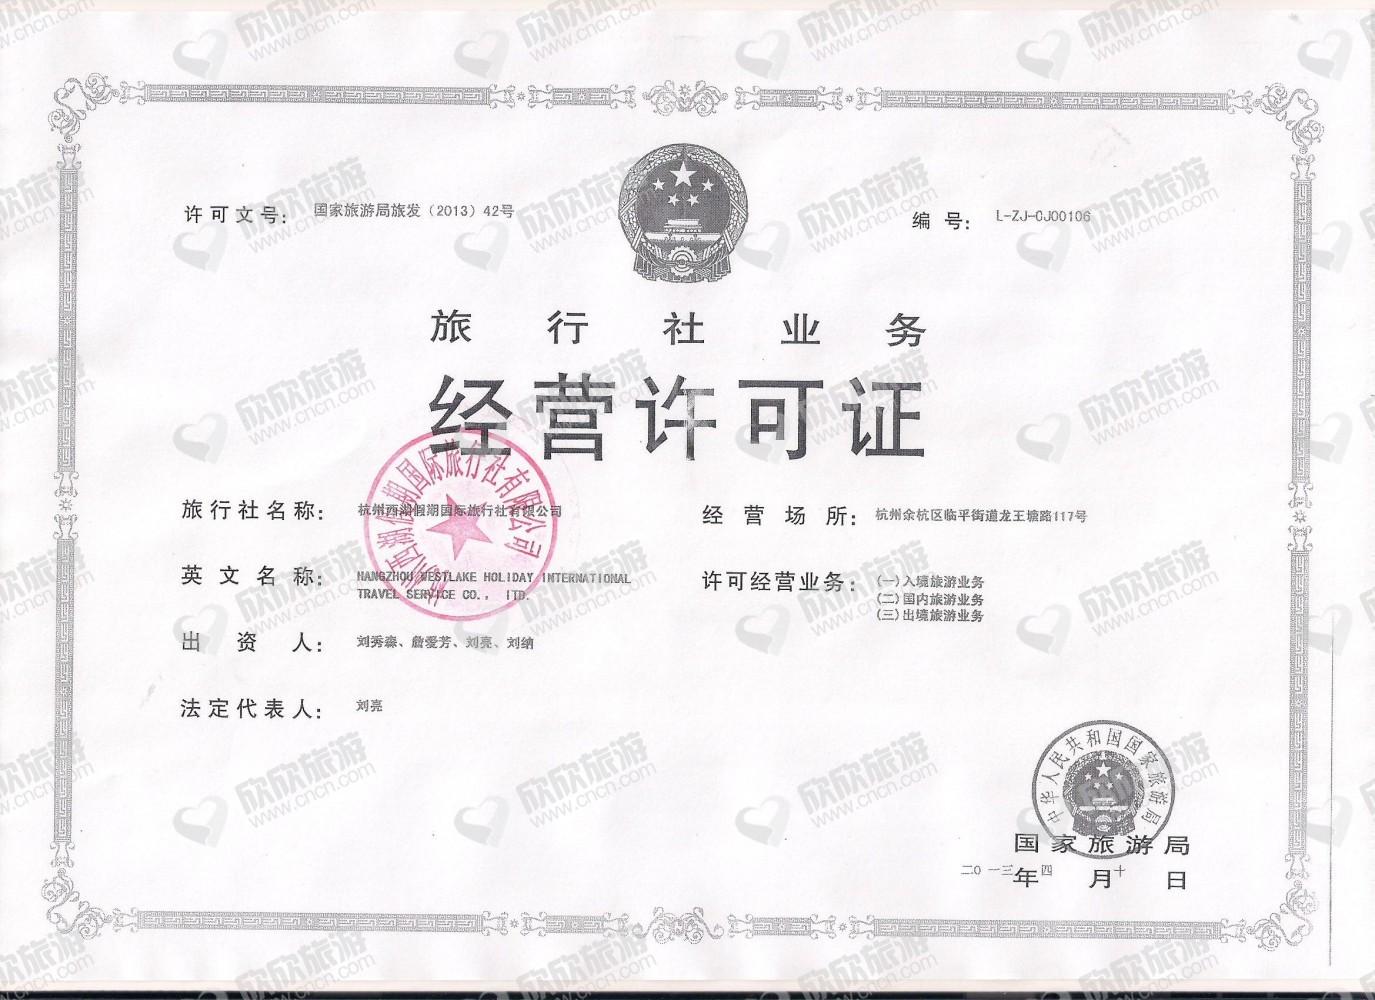 杭州西湖假期国际旅行社有限公司湖墅南路营业部经营许可证